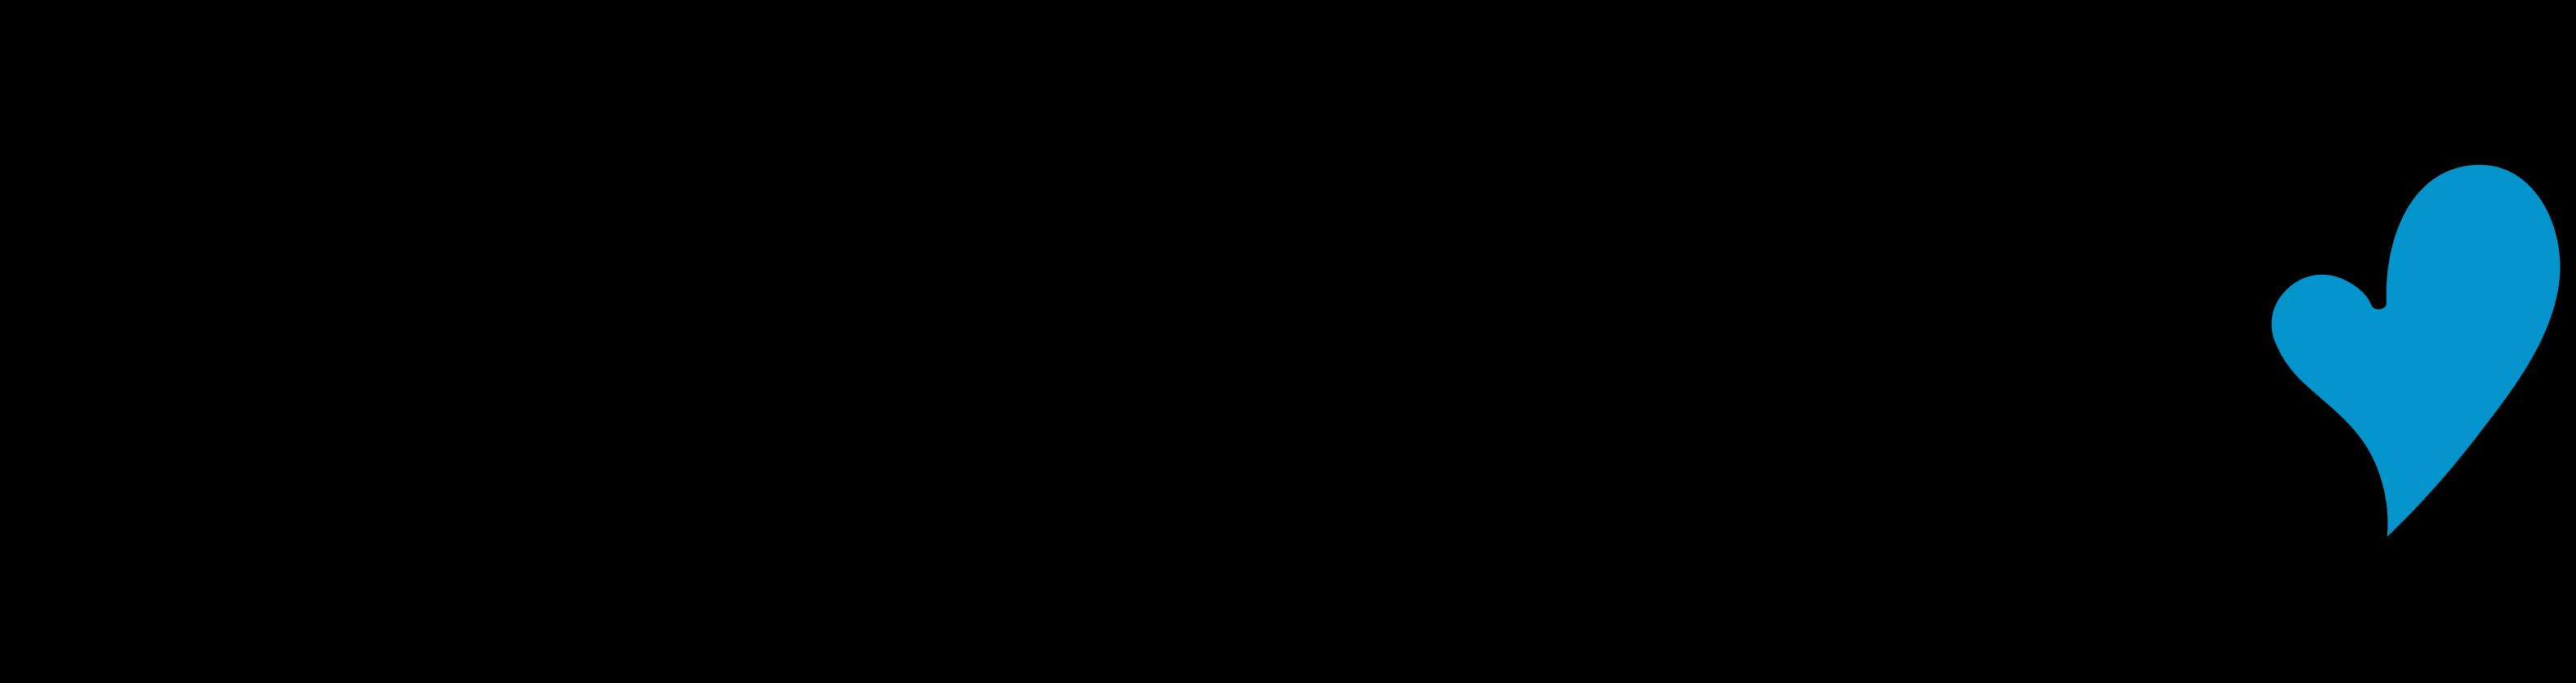 kurz kares logo